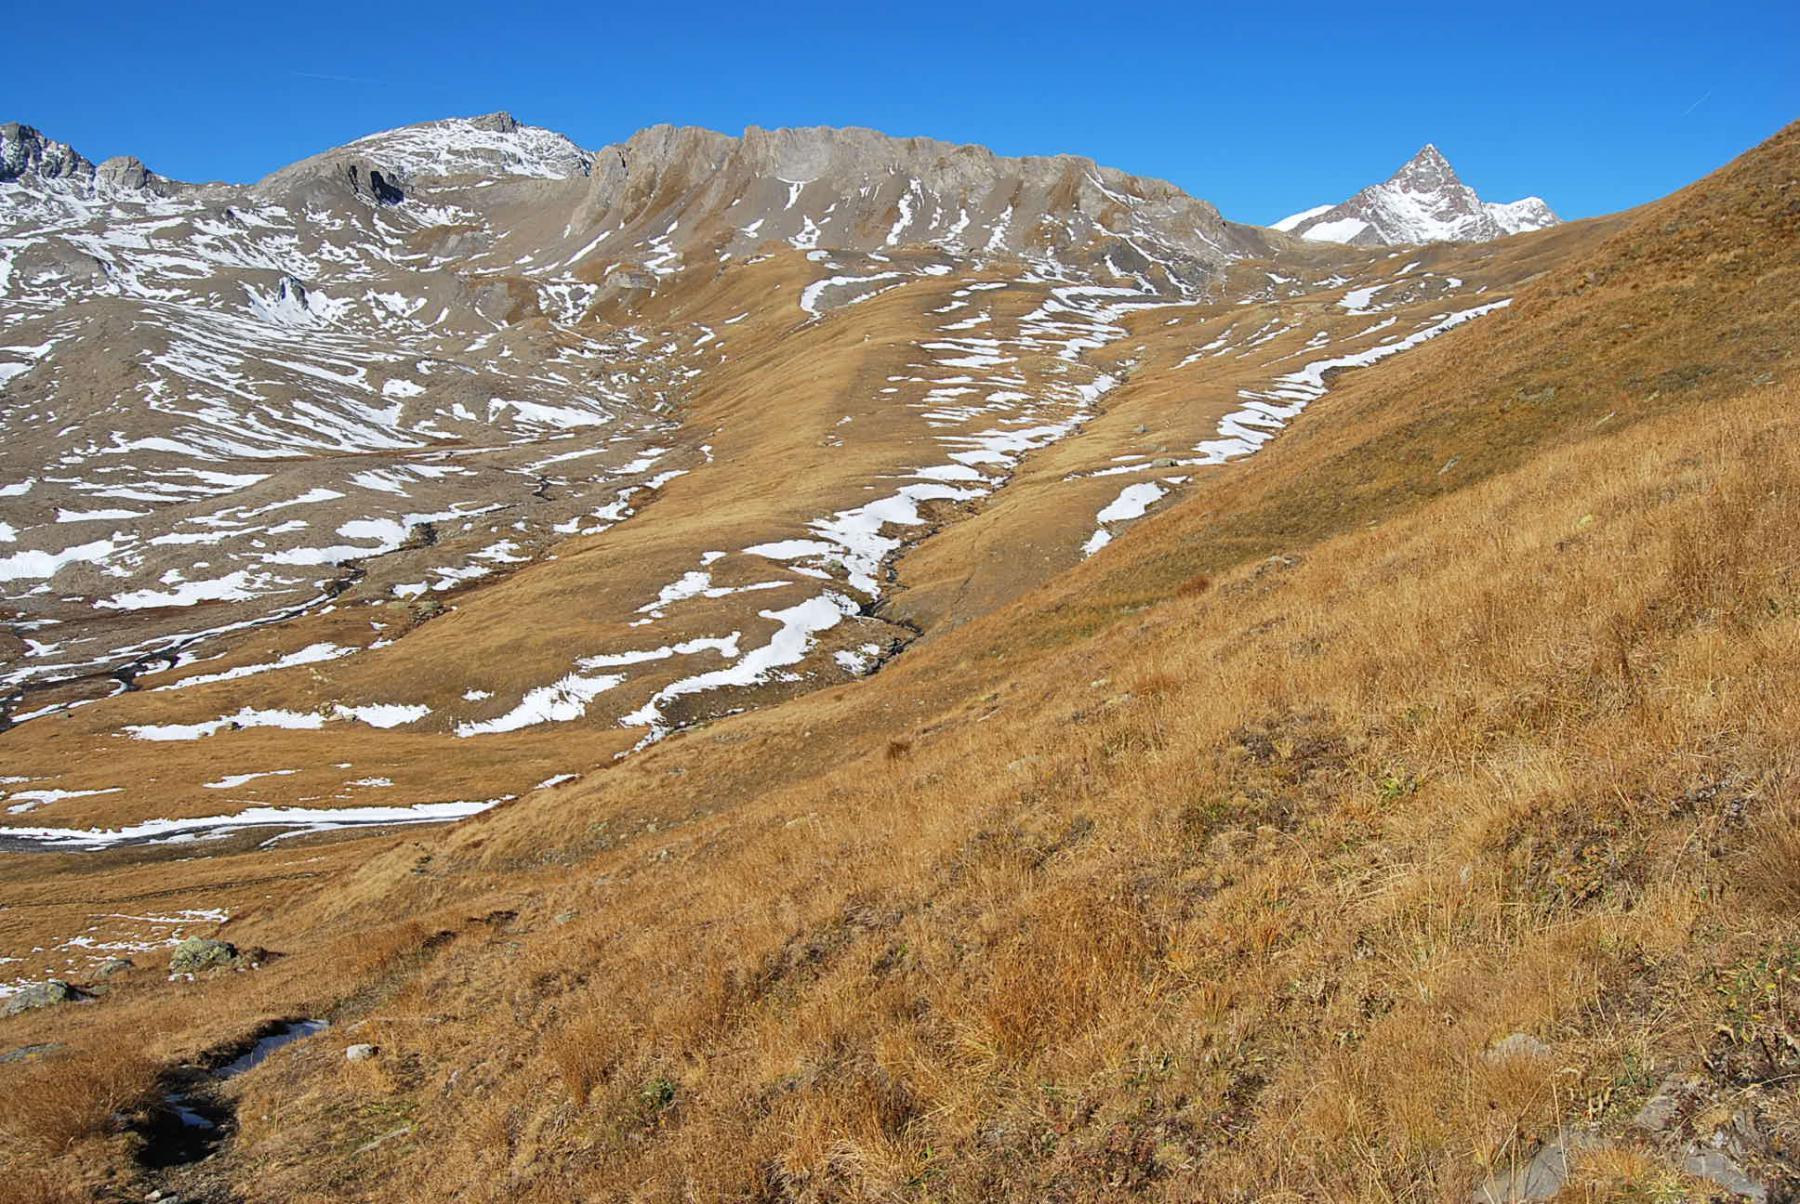 Vista dal sentiero 10: la testata del Vallone del Breuil con il Colle di Bassa Serra.